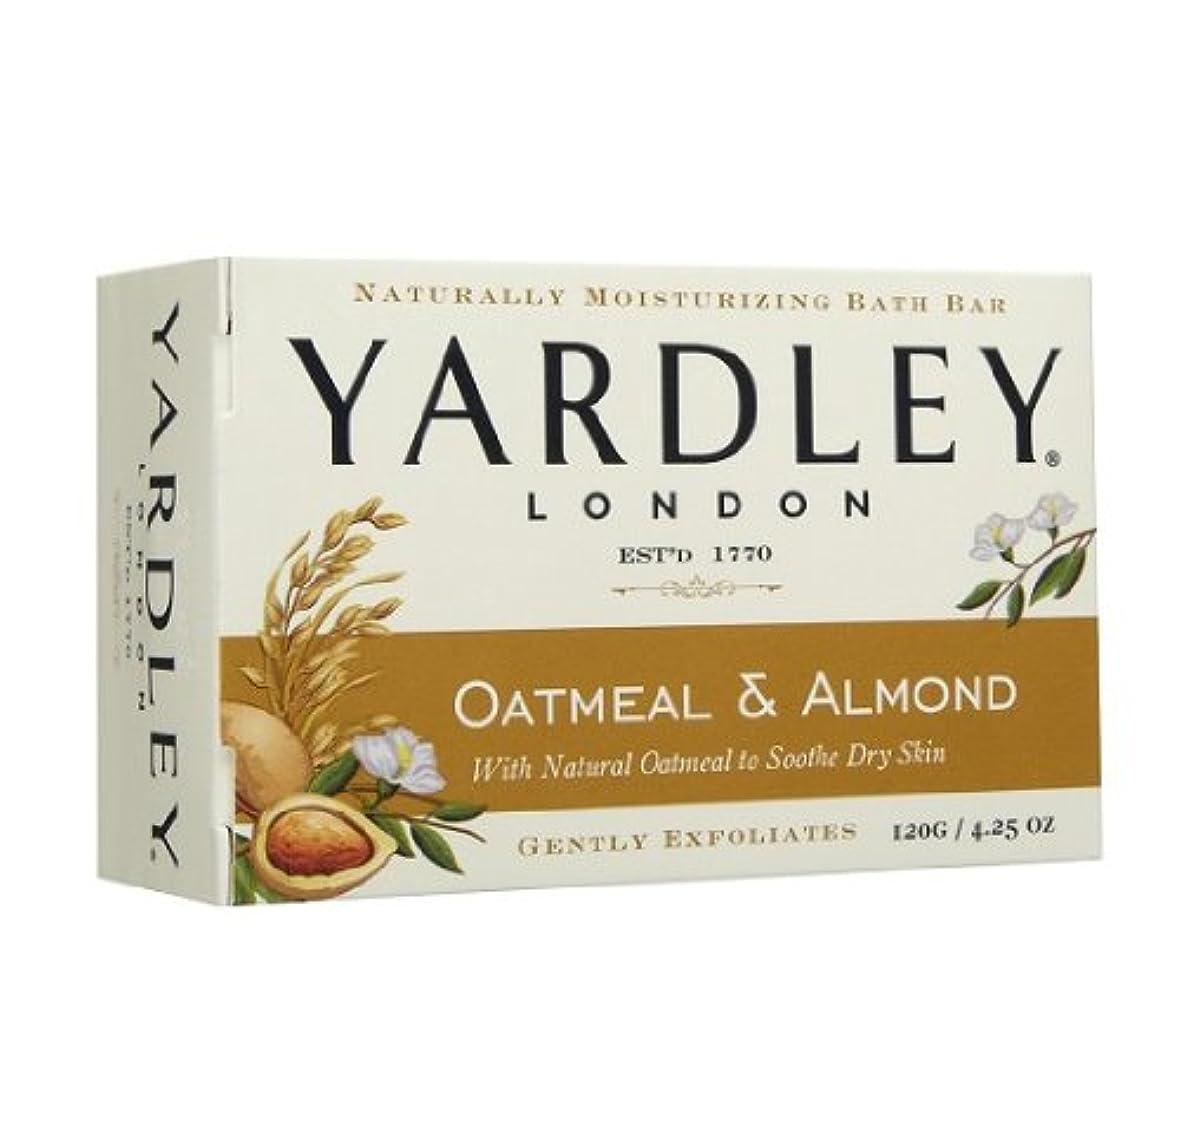 【2個:ハワイ直送品】Yardley London Oatmean & Almond Moisturizing Bath Bar ヤードリー オートミール&アーモンド ソープ 120g